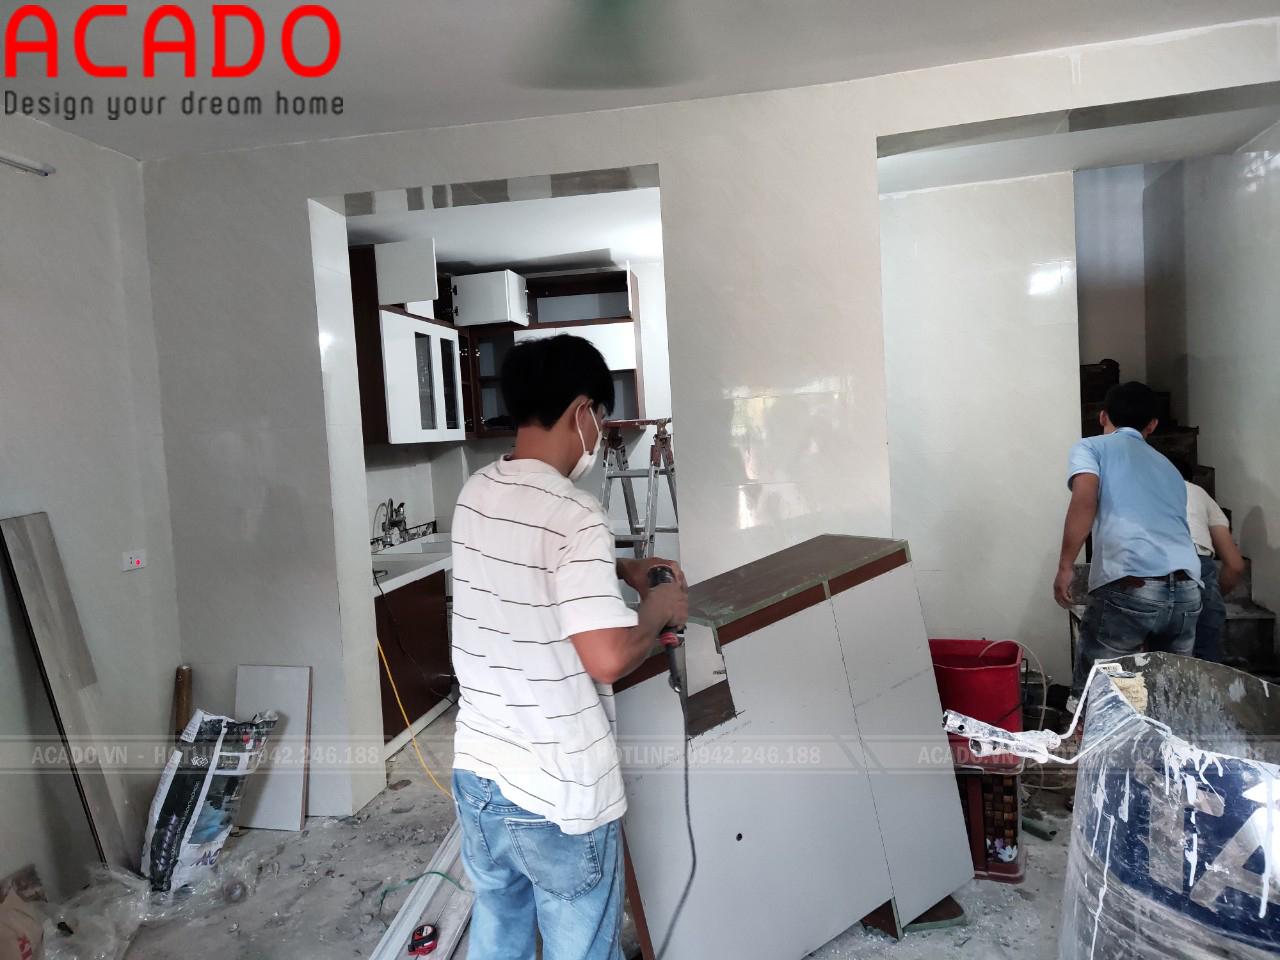 Thợ thi công thực hiện quá trình thi công tủ bếp - Làm tủ bếp tại Hoàng Mai - Hà Nội